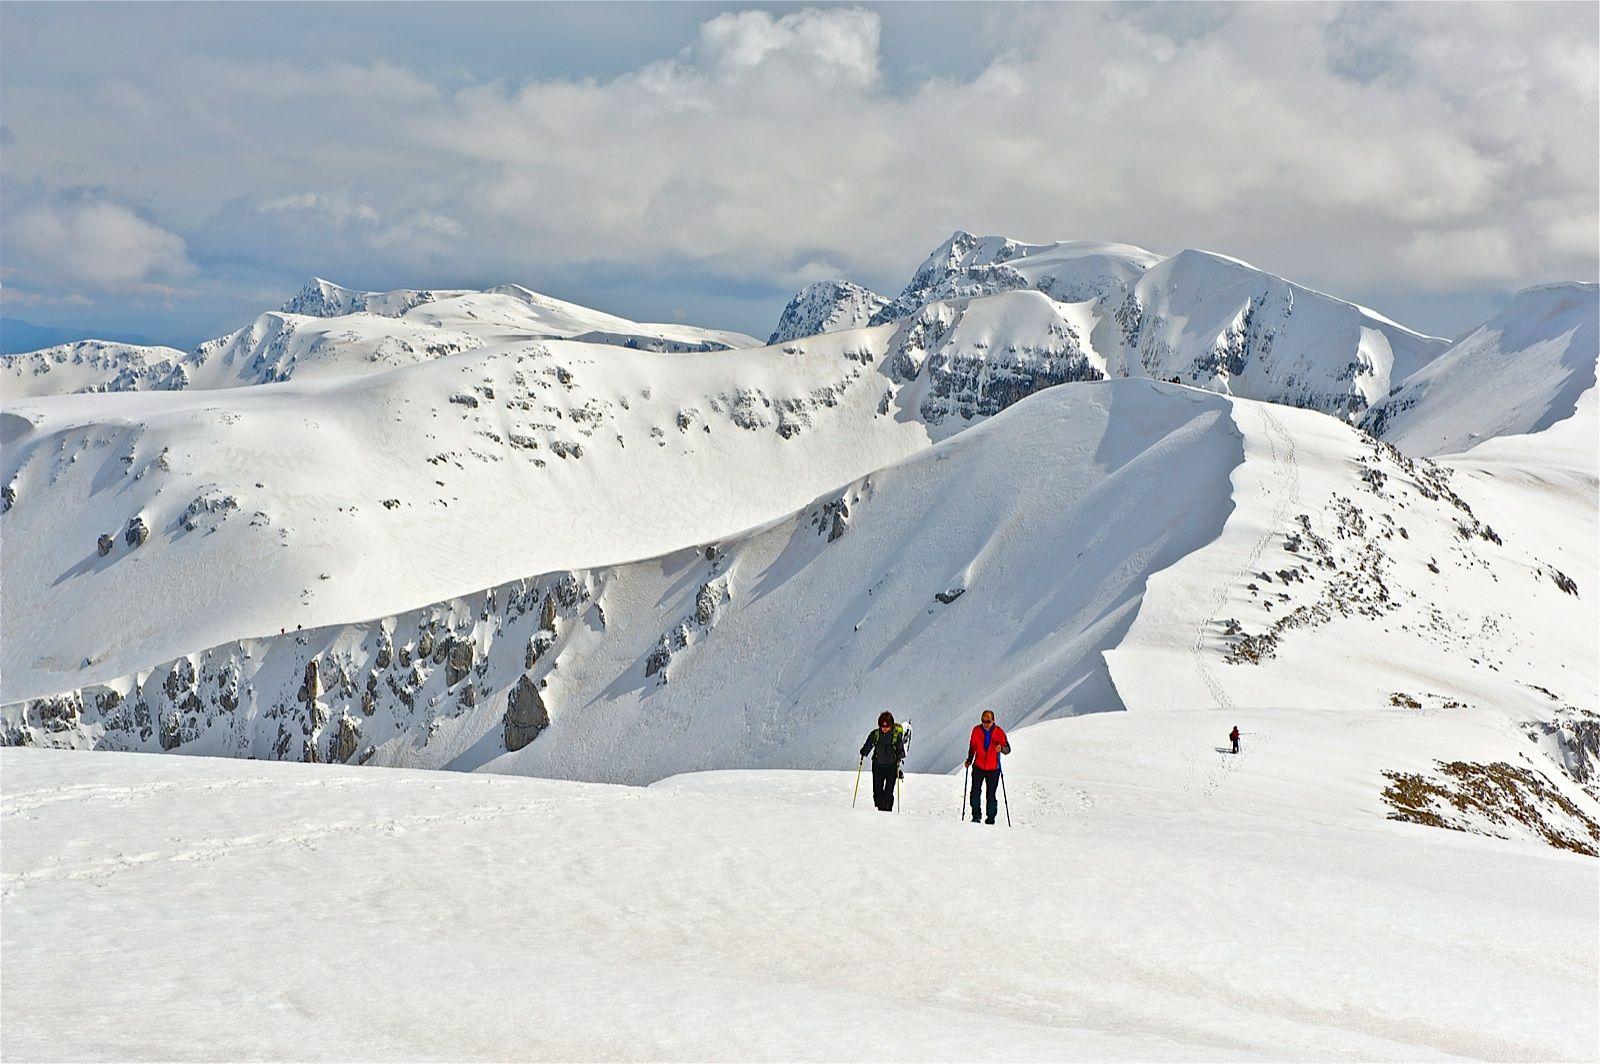 Che panorama mozzafiato! Nelle nostre montagne, sport e divertimento per tutti i gusti! è tempo di bellissime sciate e favolose ciaspolate. Andiamo? Foto di @Angelo Monti